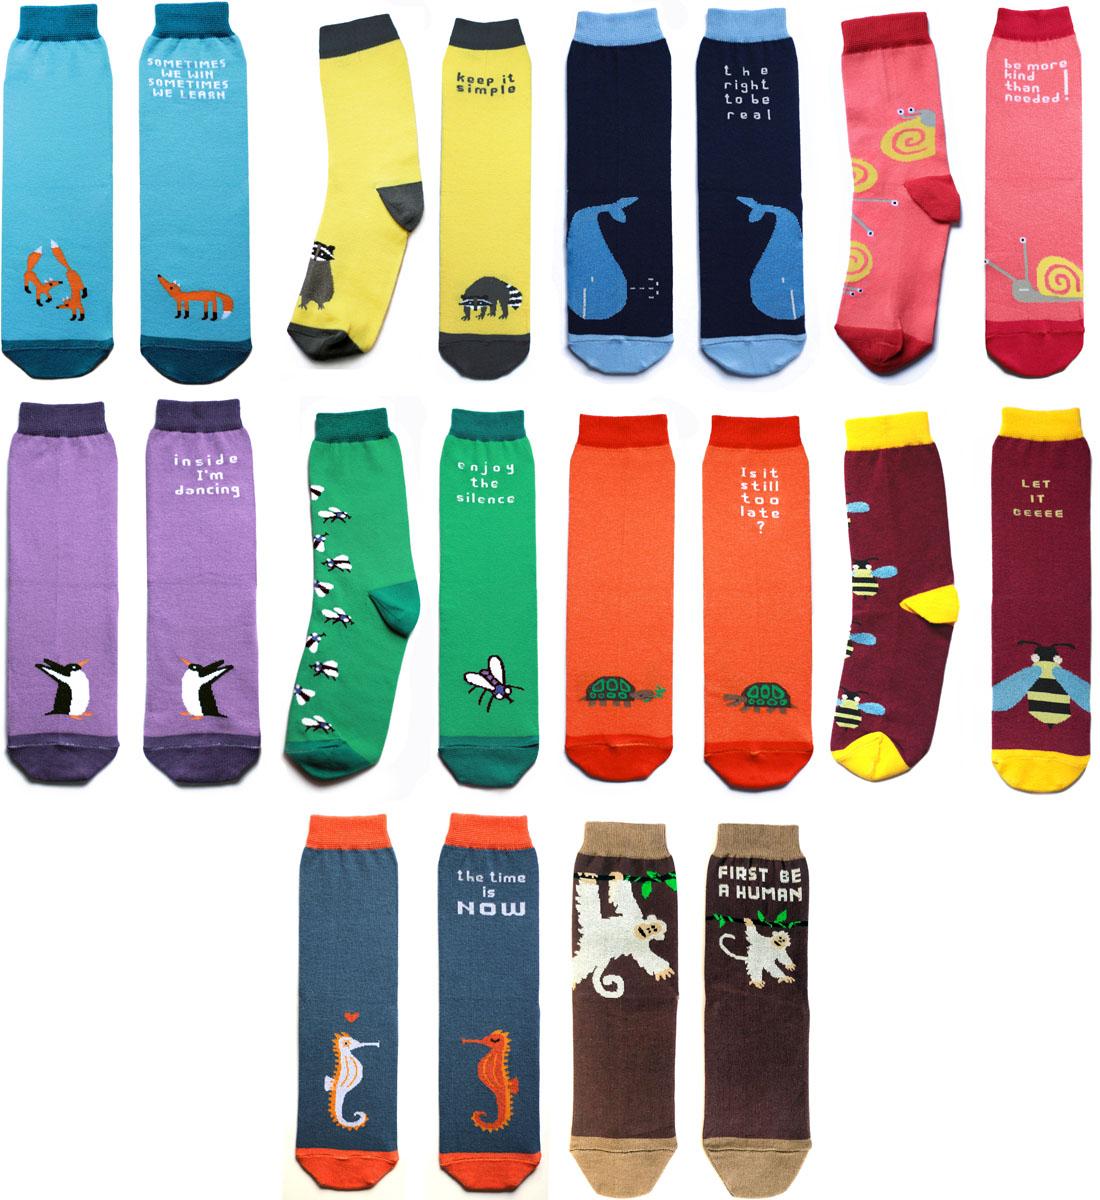 Комплект носков Big Bang Socks , цвет: мультиколор, 10 пар. p011021. Размер 35/39p0110Яркие носки Big Bang Socks выполнены из высококачественного хлопка с добавлением полиамида и эластана, которые обеспечивают отличнуюпосадку. В комплект входят 10 пар разноцветных носков с разными принтами.Модель оснащена эластичной резинкой, которая плотно облегает ногу, не сдавливая ее, обеспечивает удобство.Комплект упакован в фирменную коробку.